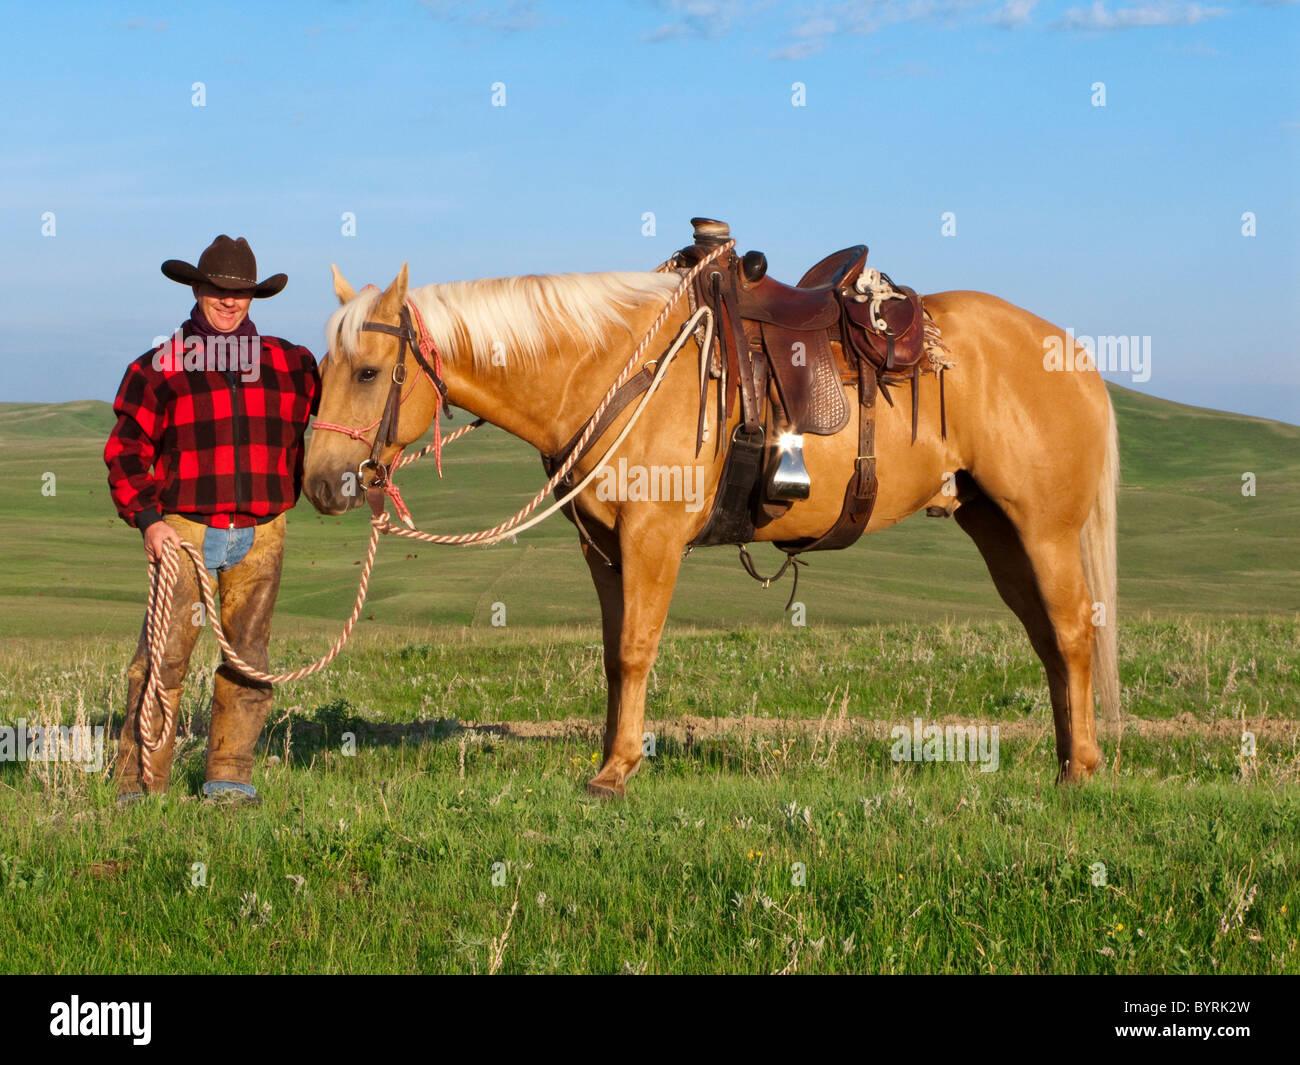 Vieh - stellt ein Cowboy mit seinem Pferd in einen grünen Prärie / Alberta, Kanada. Stockbild